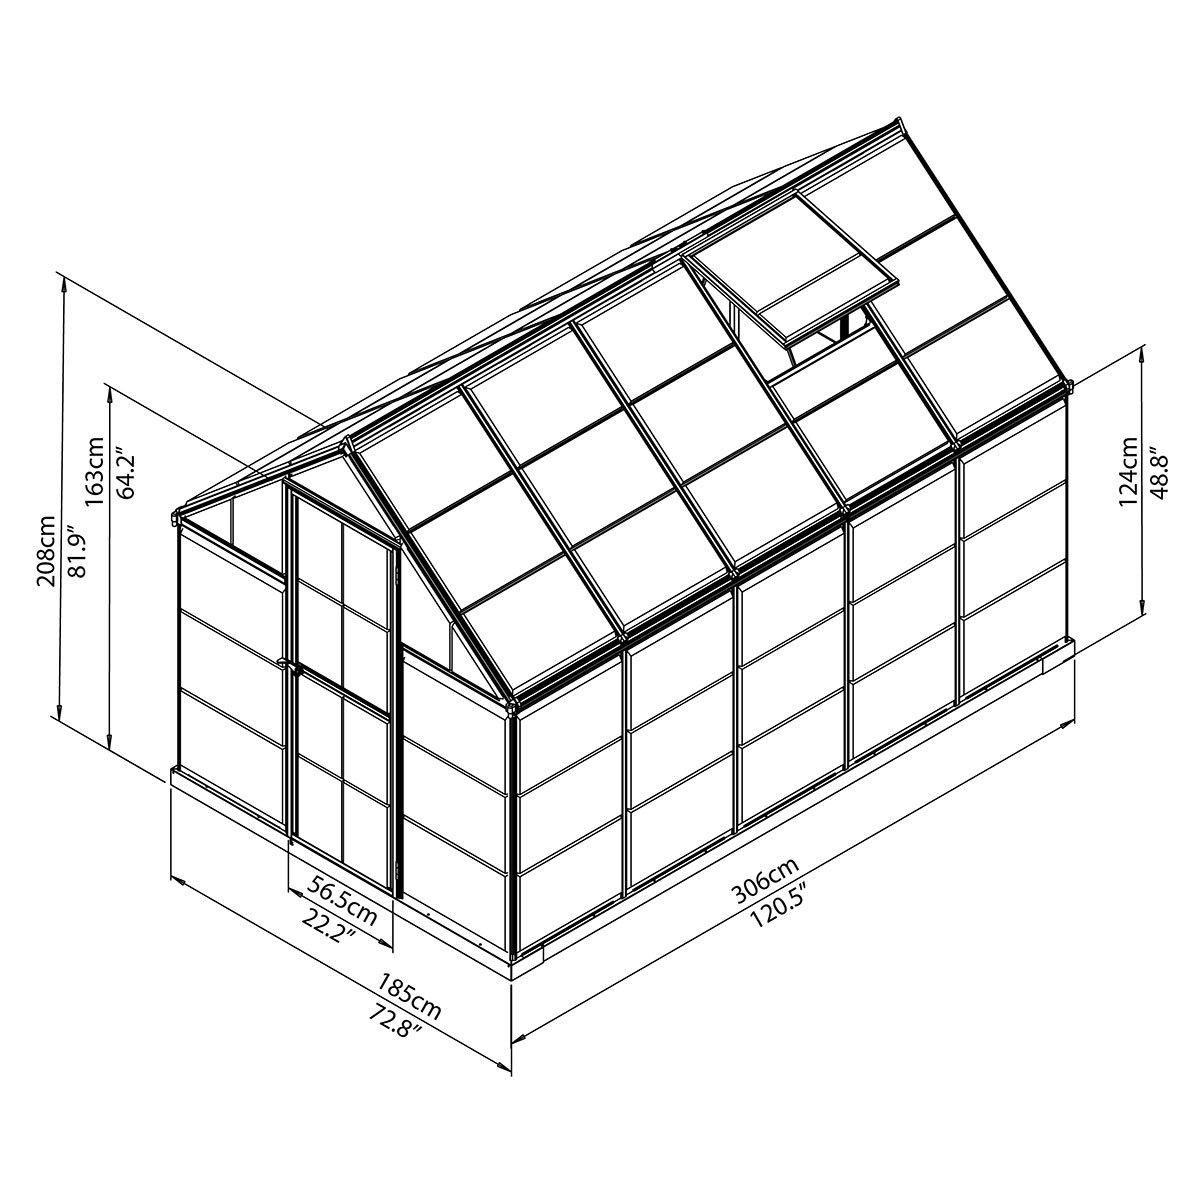 Gewächshaus Silver Line 6 x 10 inkl Stahlfundament | #7